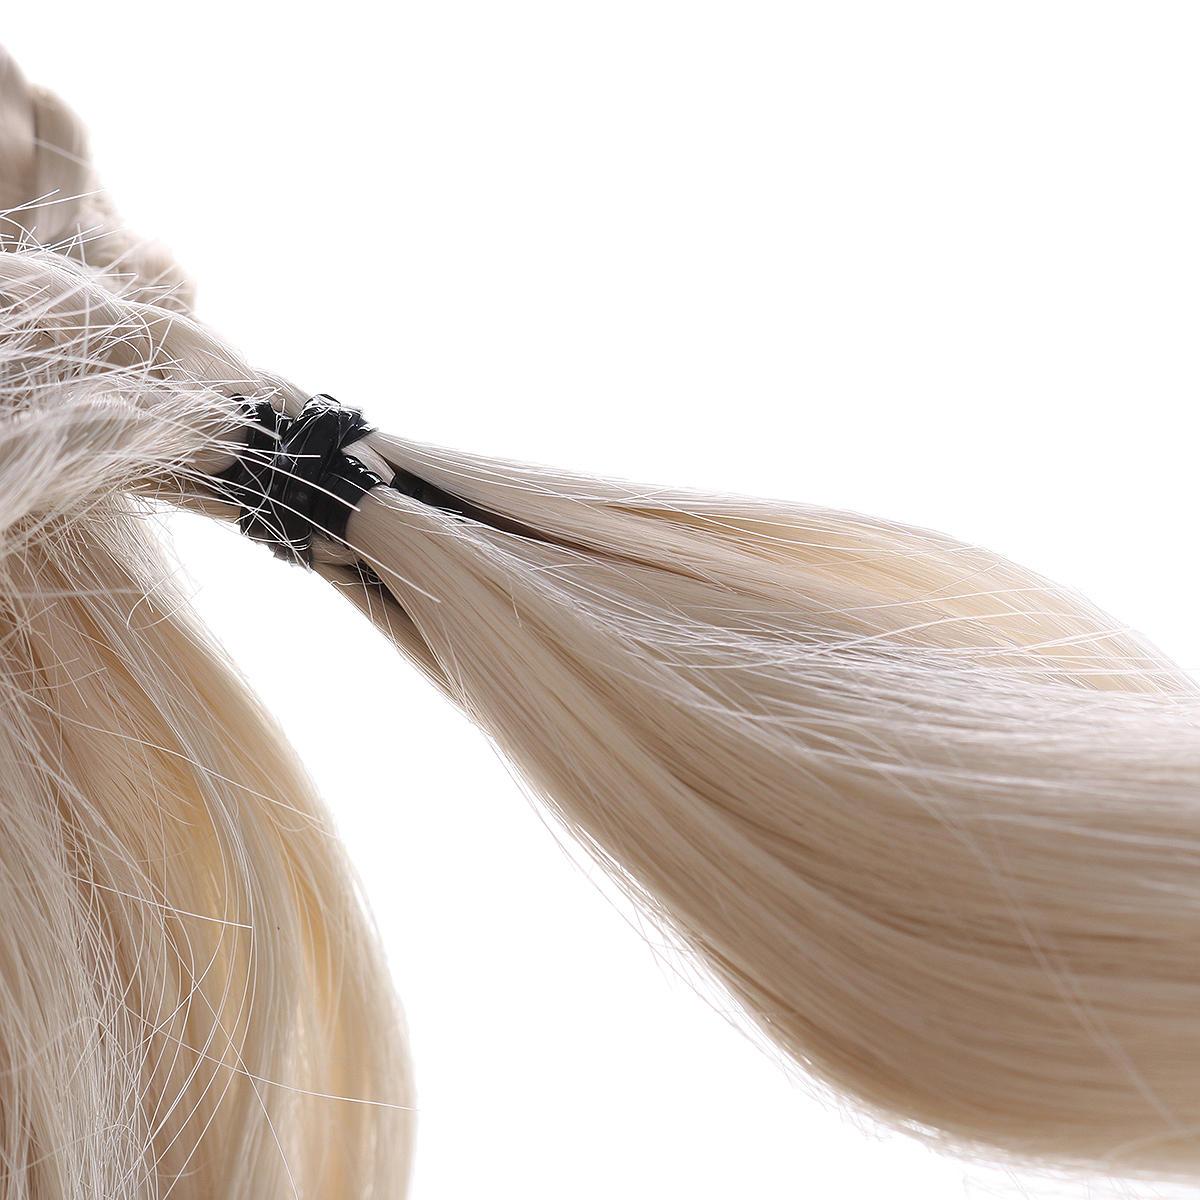 24 Damen natürliche gewellte Lace Front Perücke Mädchen goldene blonde lockige synthetische Haare - 6